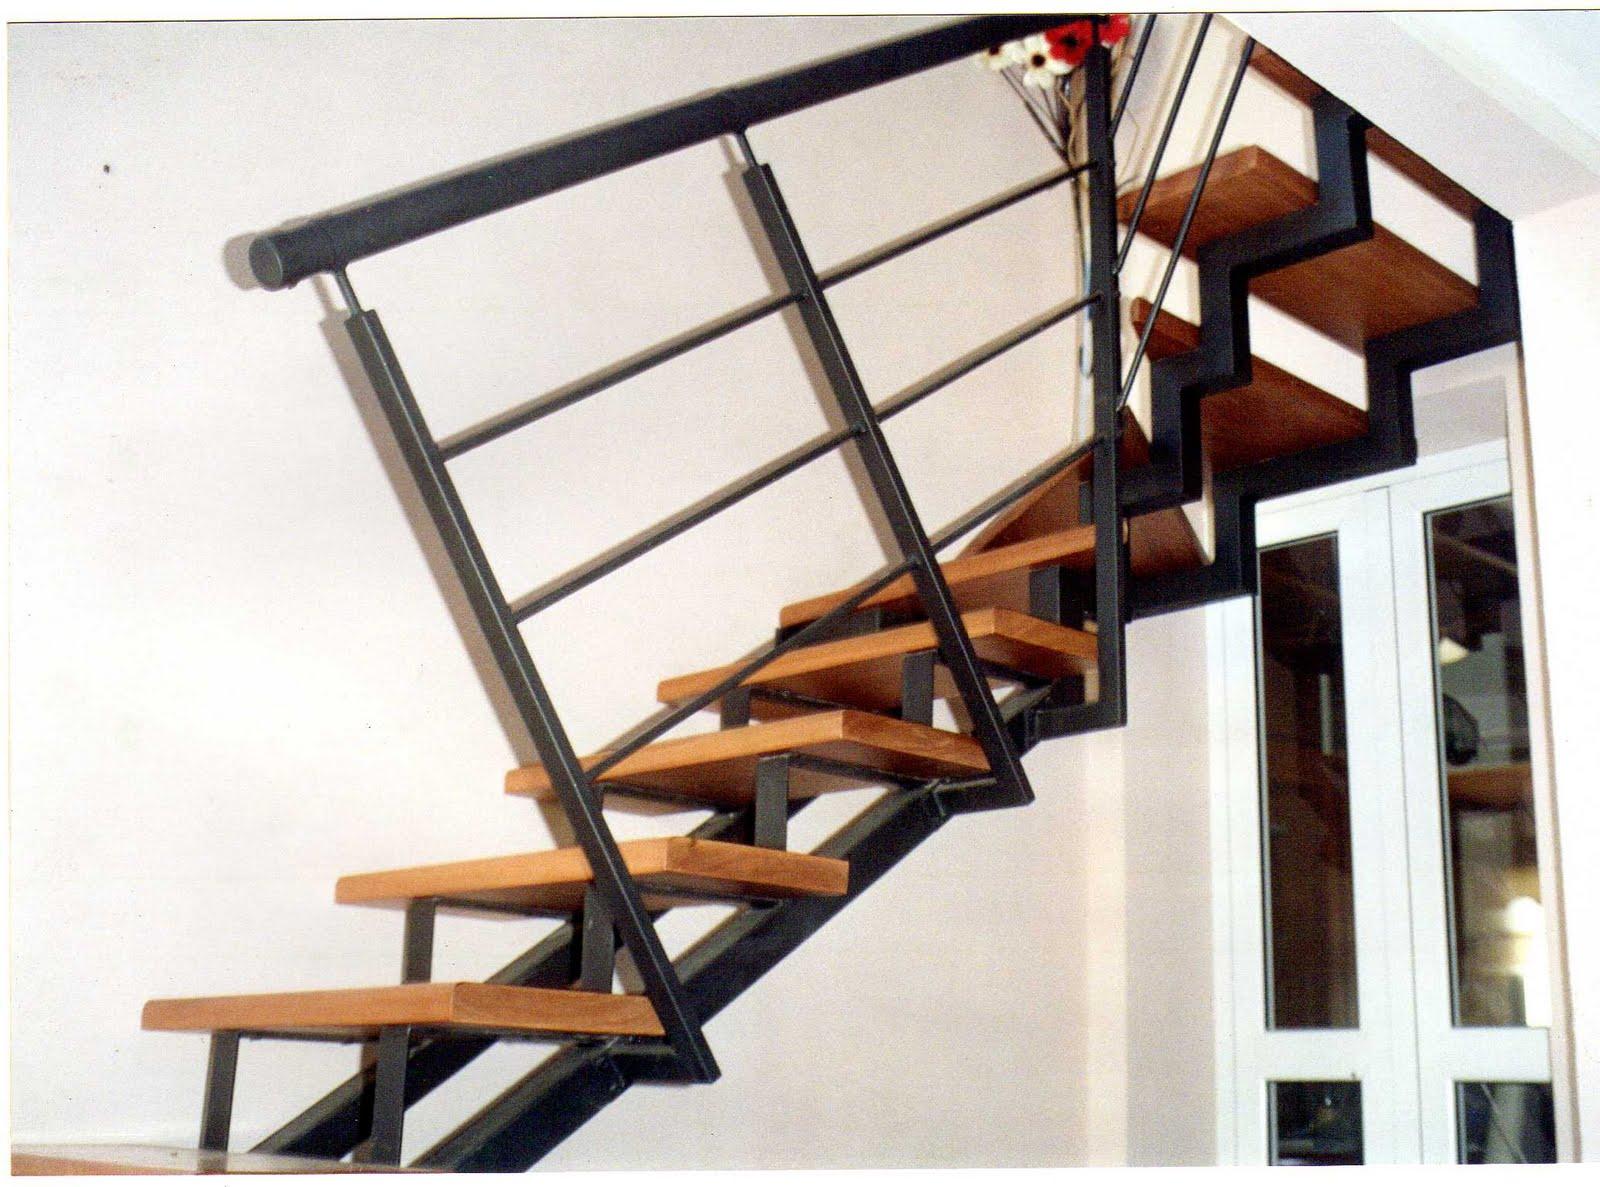 Fabrica de escaleras de hierro forjado ceroli escaleras for Como construir una escalera de hierro y madera